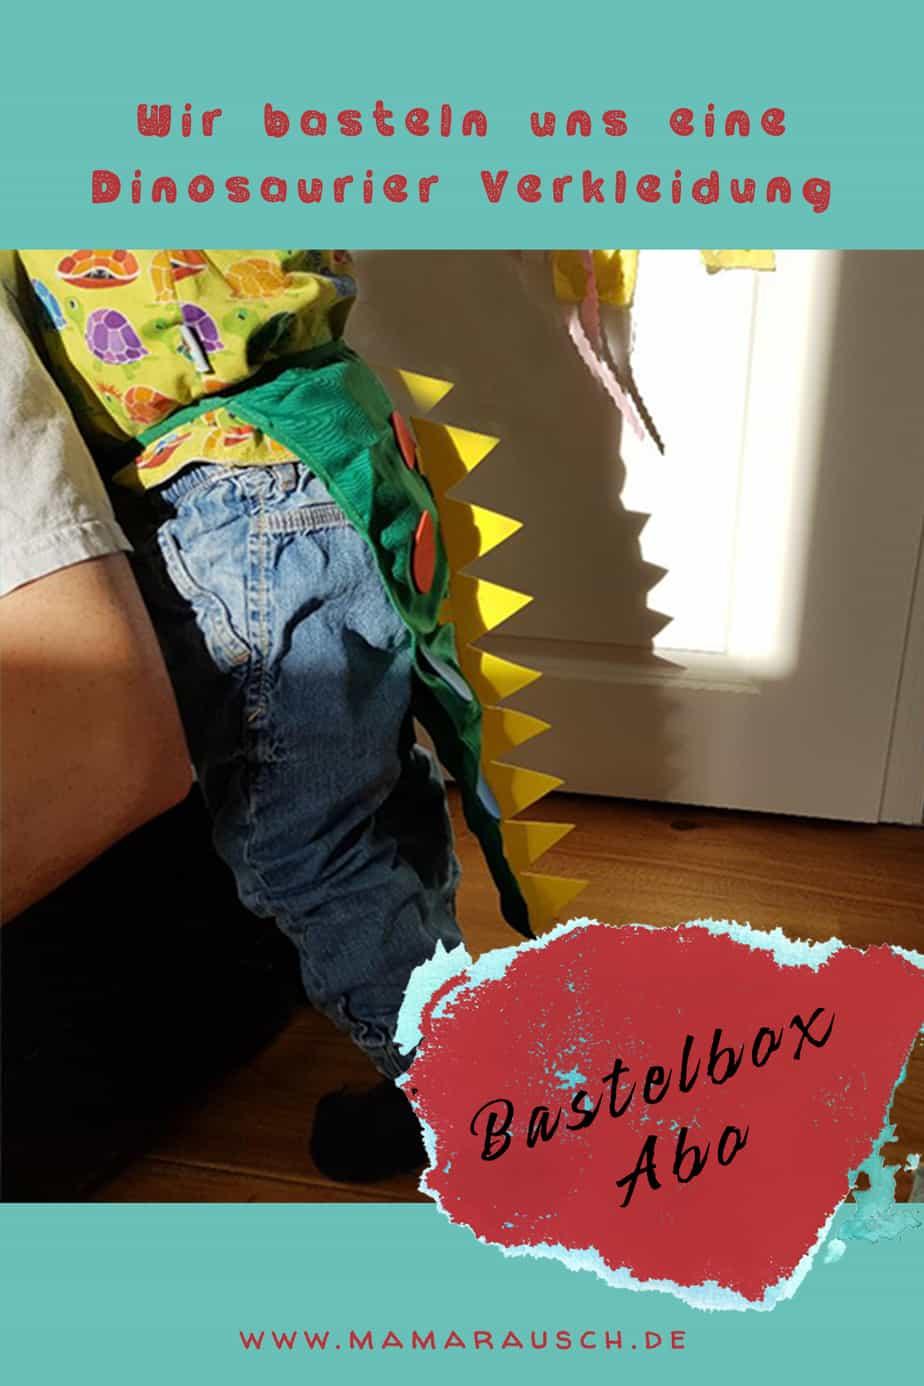 Hilfe für unkreative Mamas und Papas beim Basteln mit Kindern - das Bastelbox Abo: toucanBox . Viel Spaß, Material mit Anleitung : Gratis Testen! Mit der Bastelbox schnell und einfach mit Kindern basteln